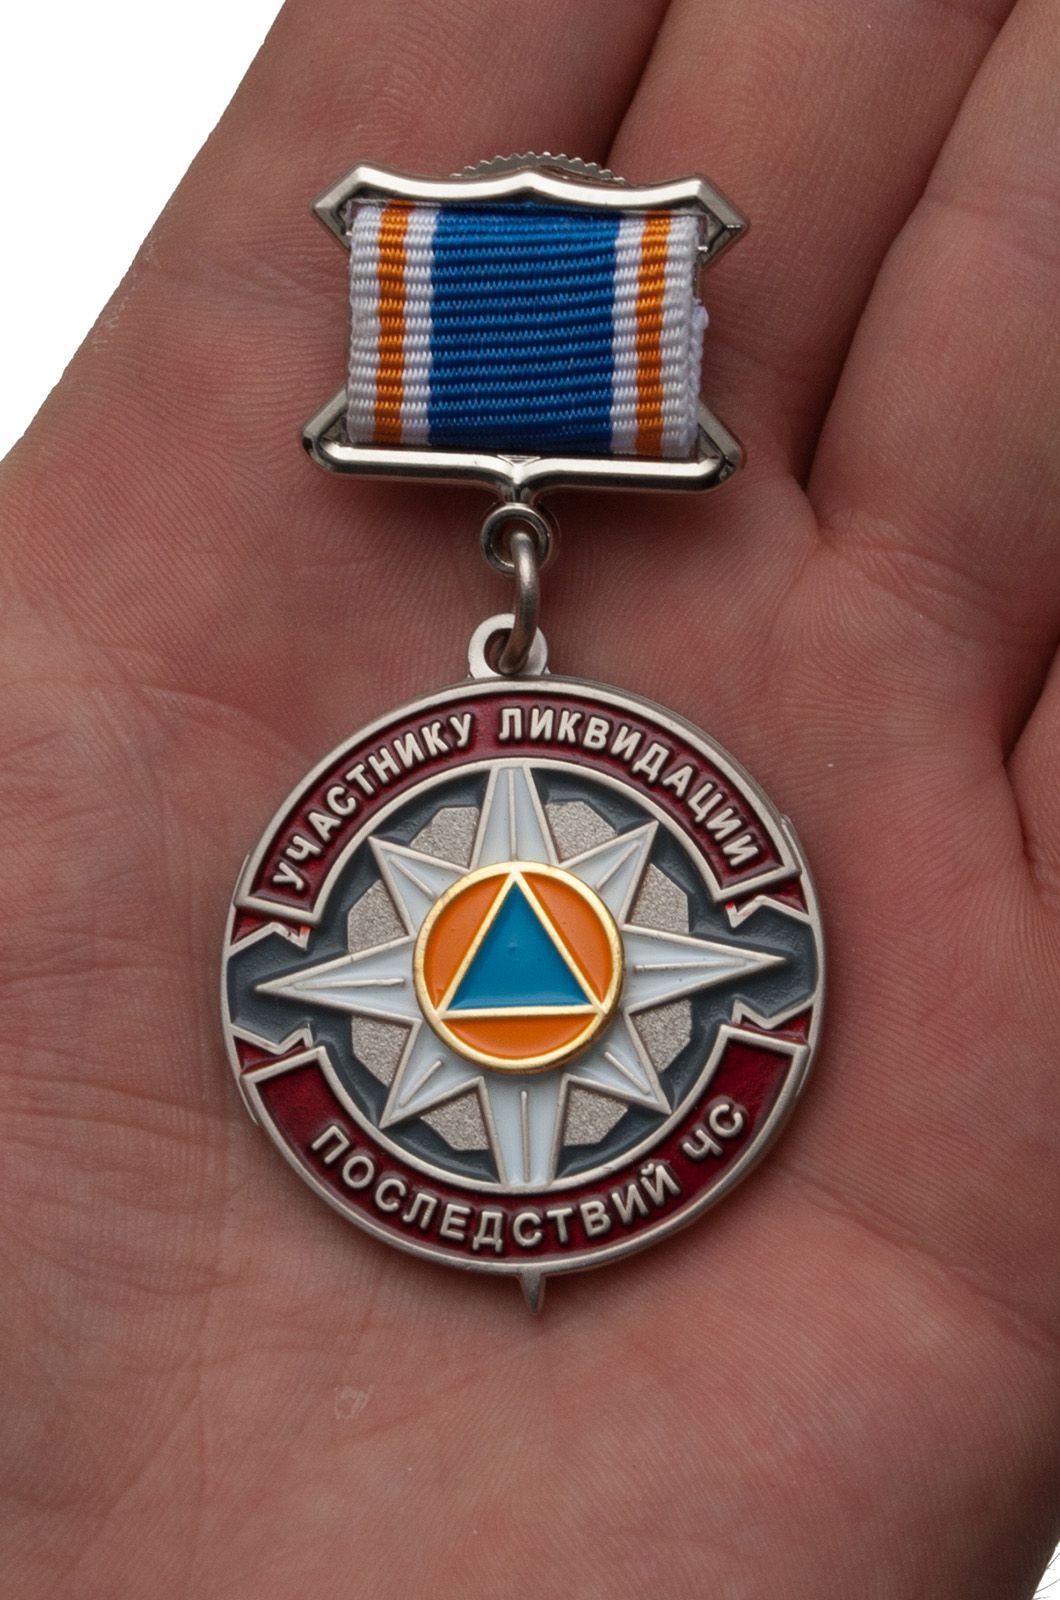 Памятный знак Участнику ликвидации последствий ЧС МЧС России - вид на ладони